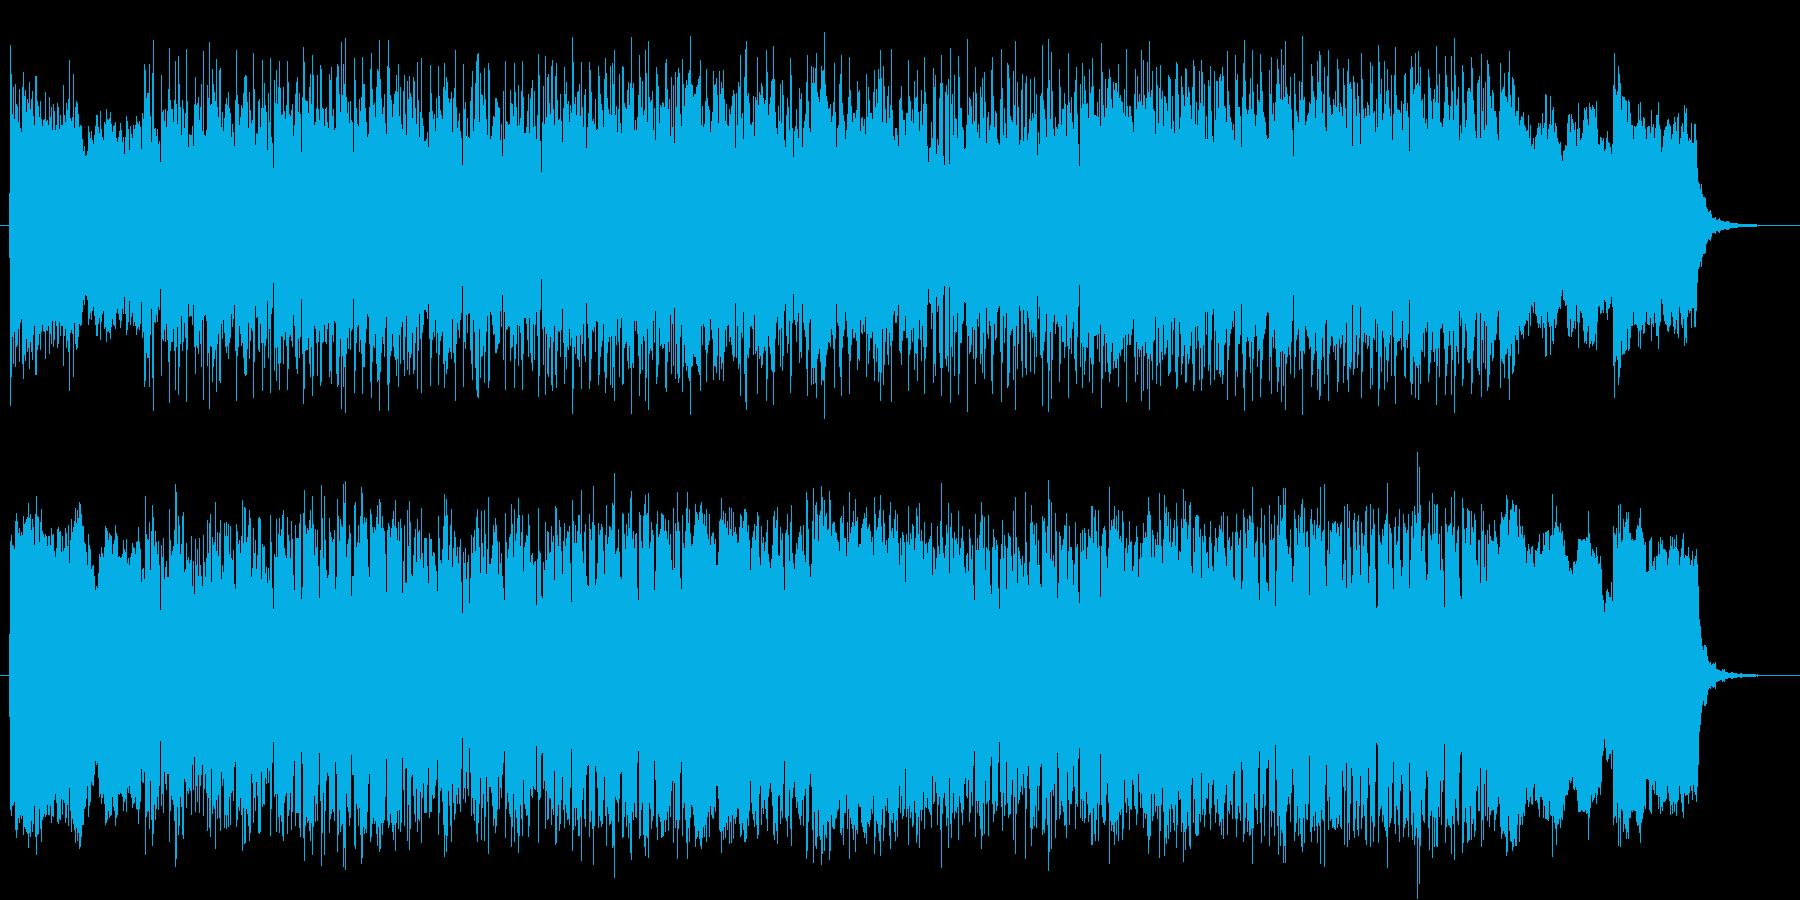 疾走感と宇宙感のシンセサイザーテクノの再生済みの波形